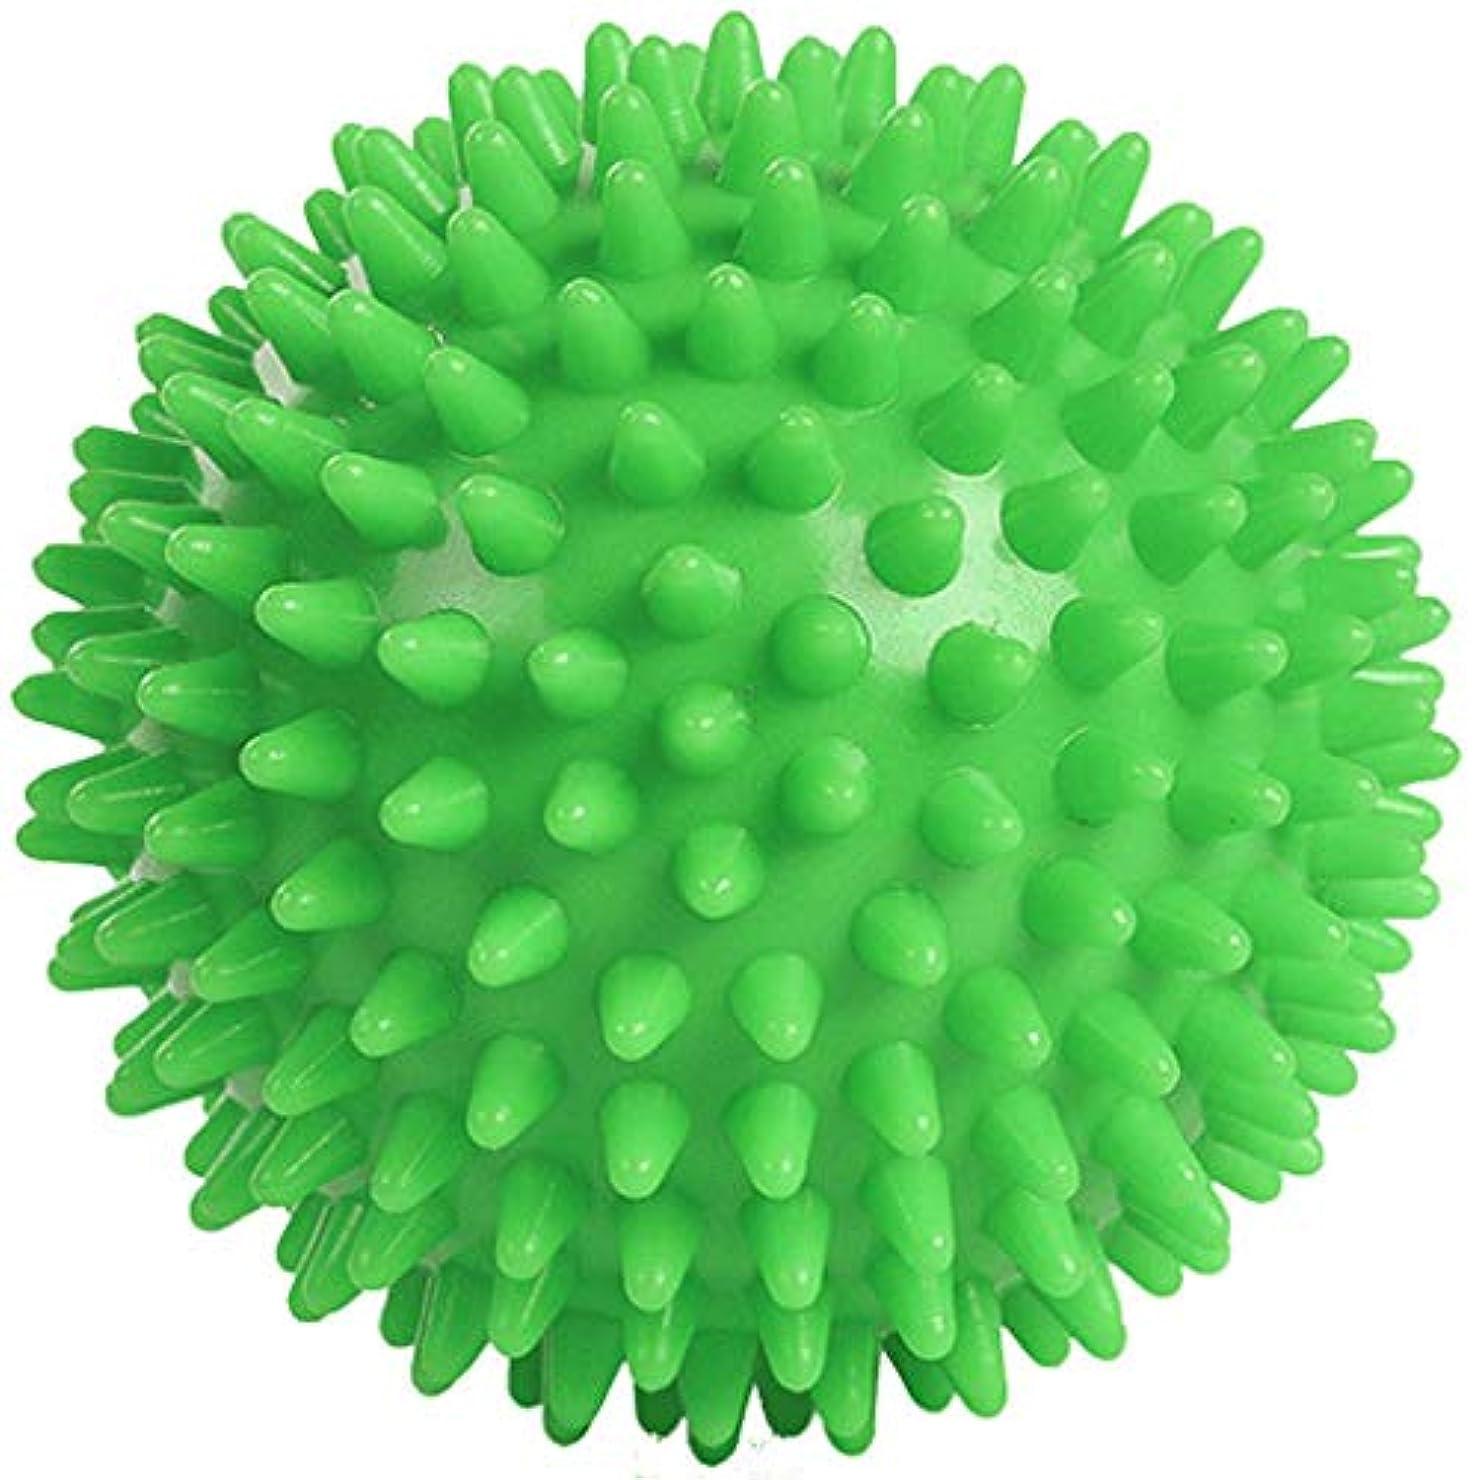 説教異形振動するArichops リフレックスボール 触覚ボール 足裏手 背中のマッサージボール リハビリ マッサージ用 血液循環促進 筋肉緊張 圧迫で解きほぐす 【正規品】